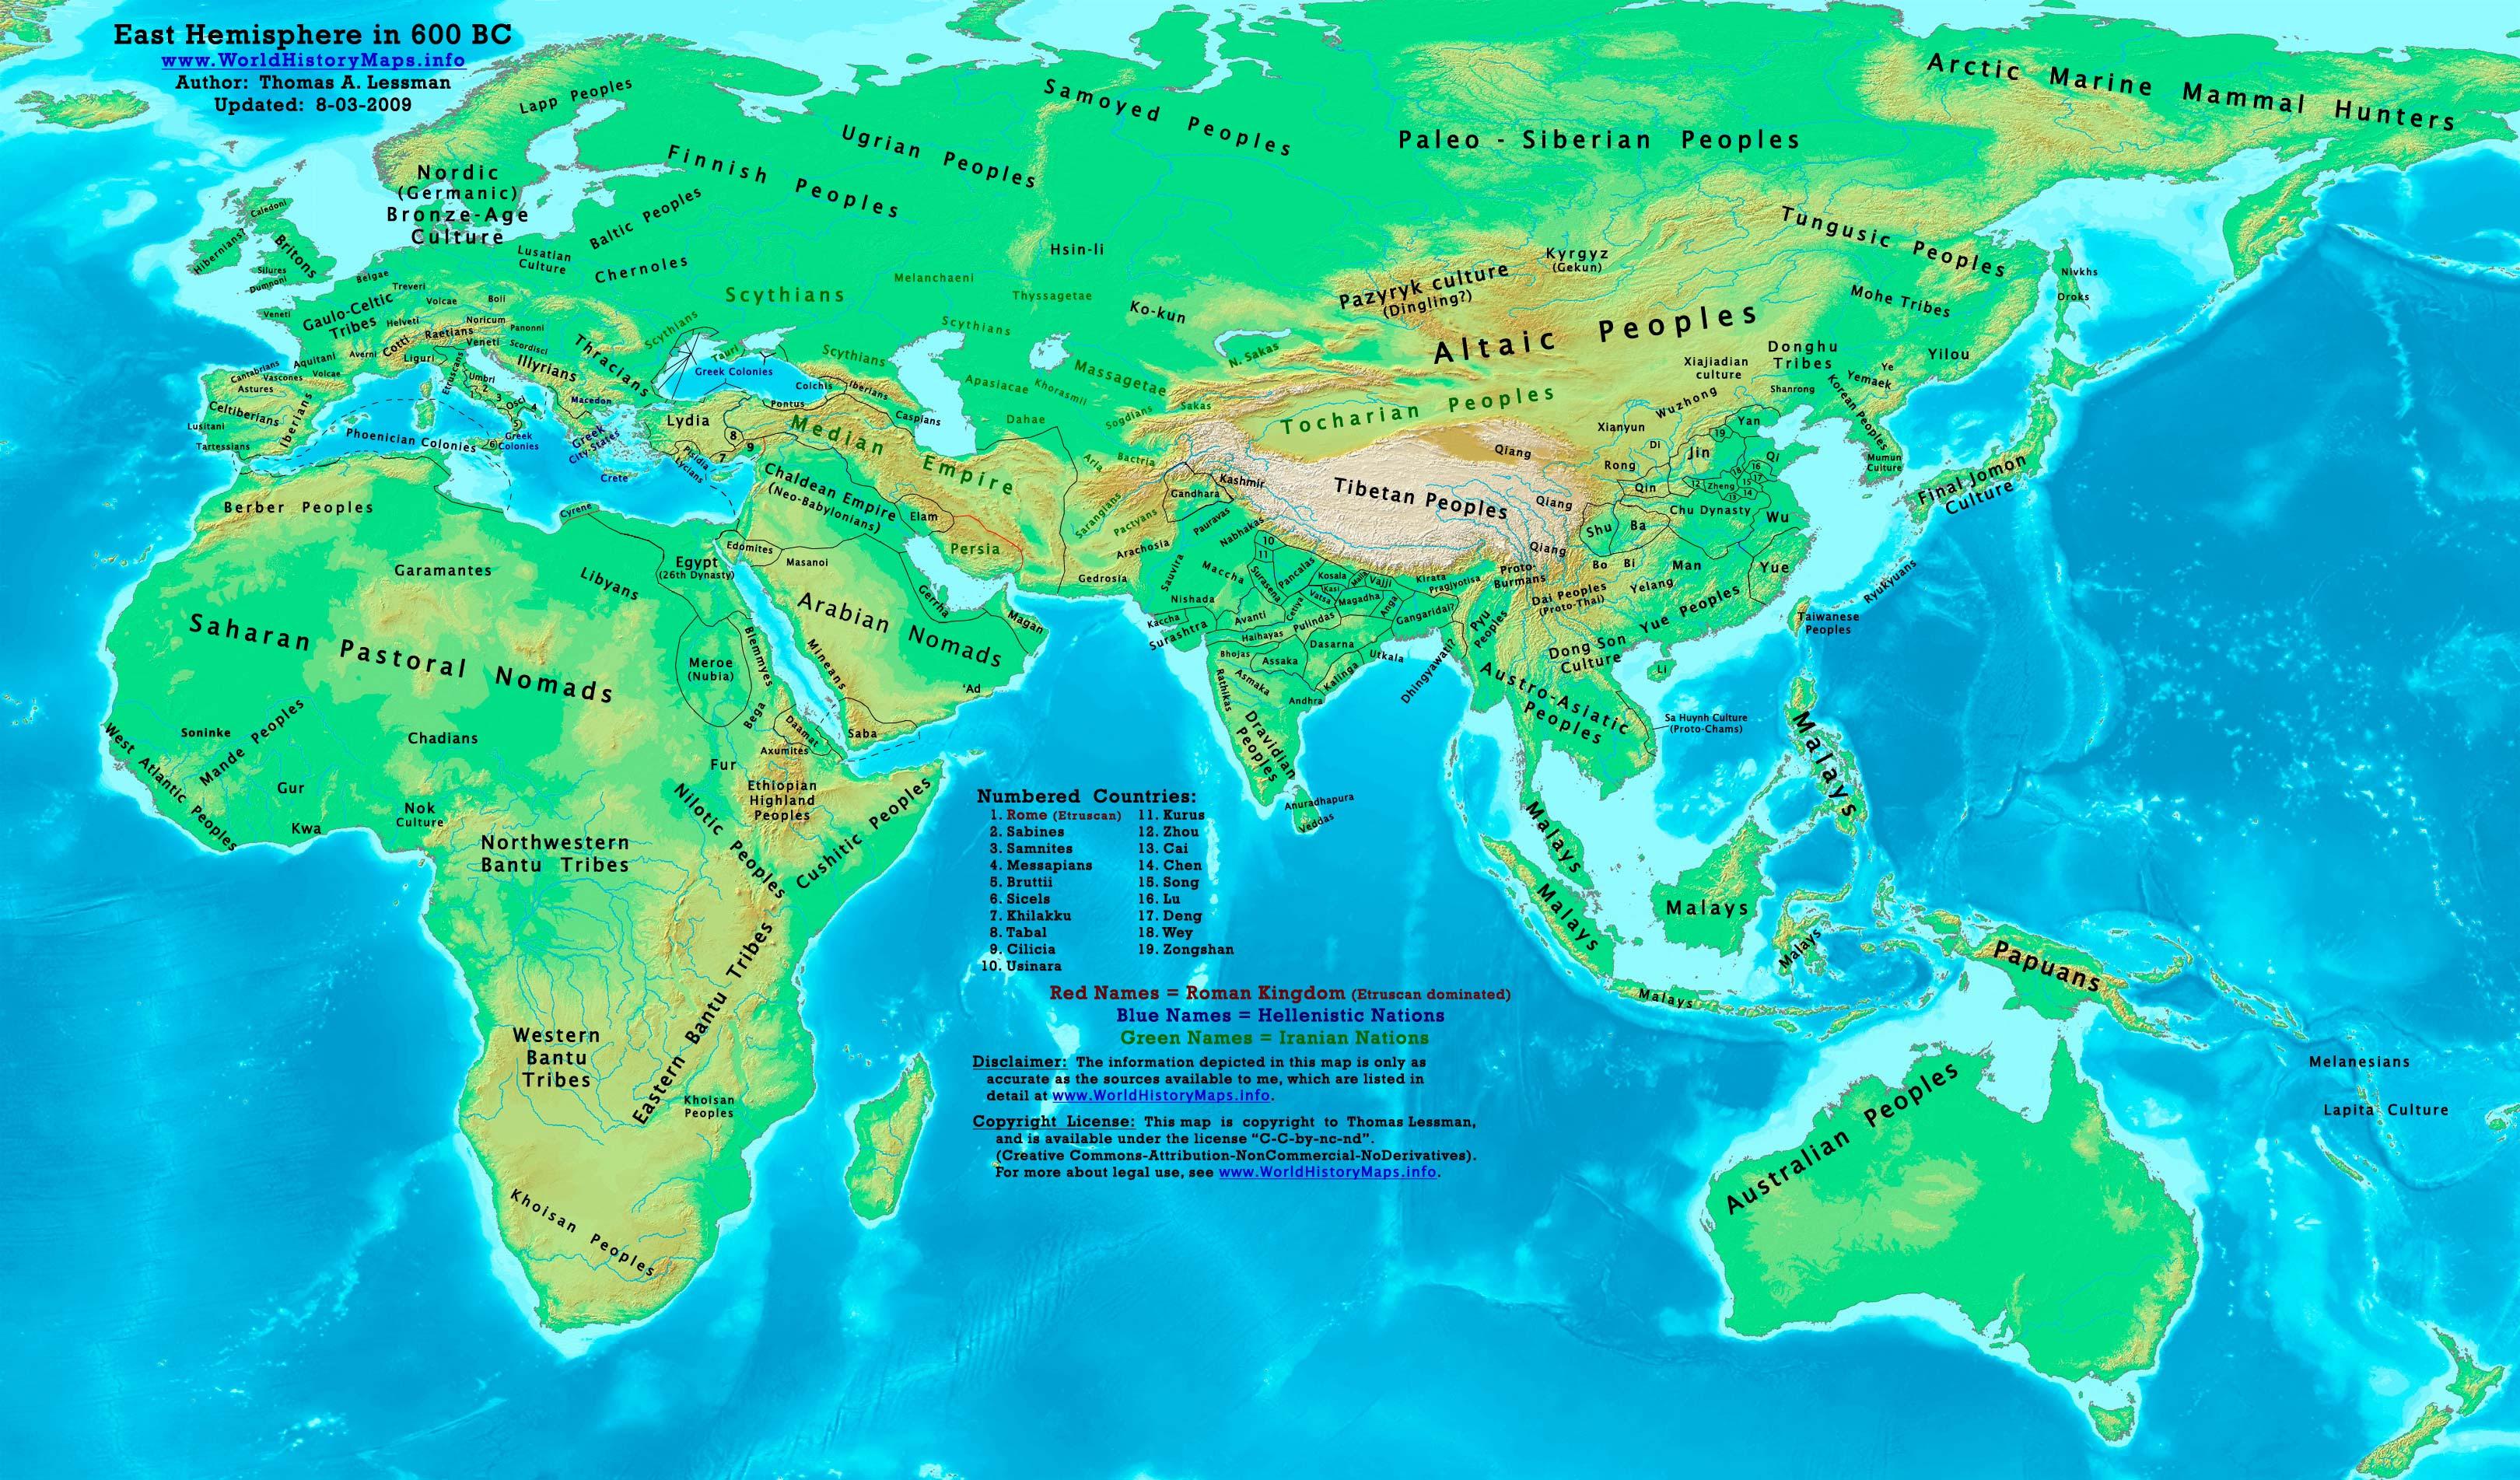 http://worldhistorymaps.info/images/East-Hem_600bc.jpg